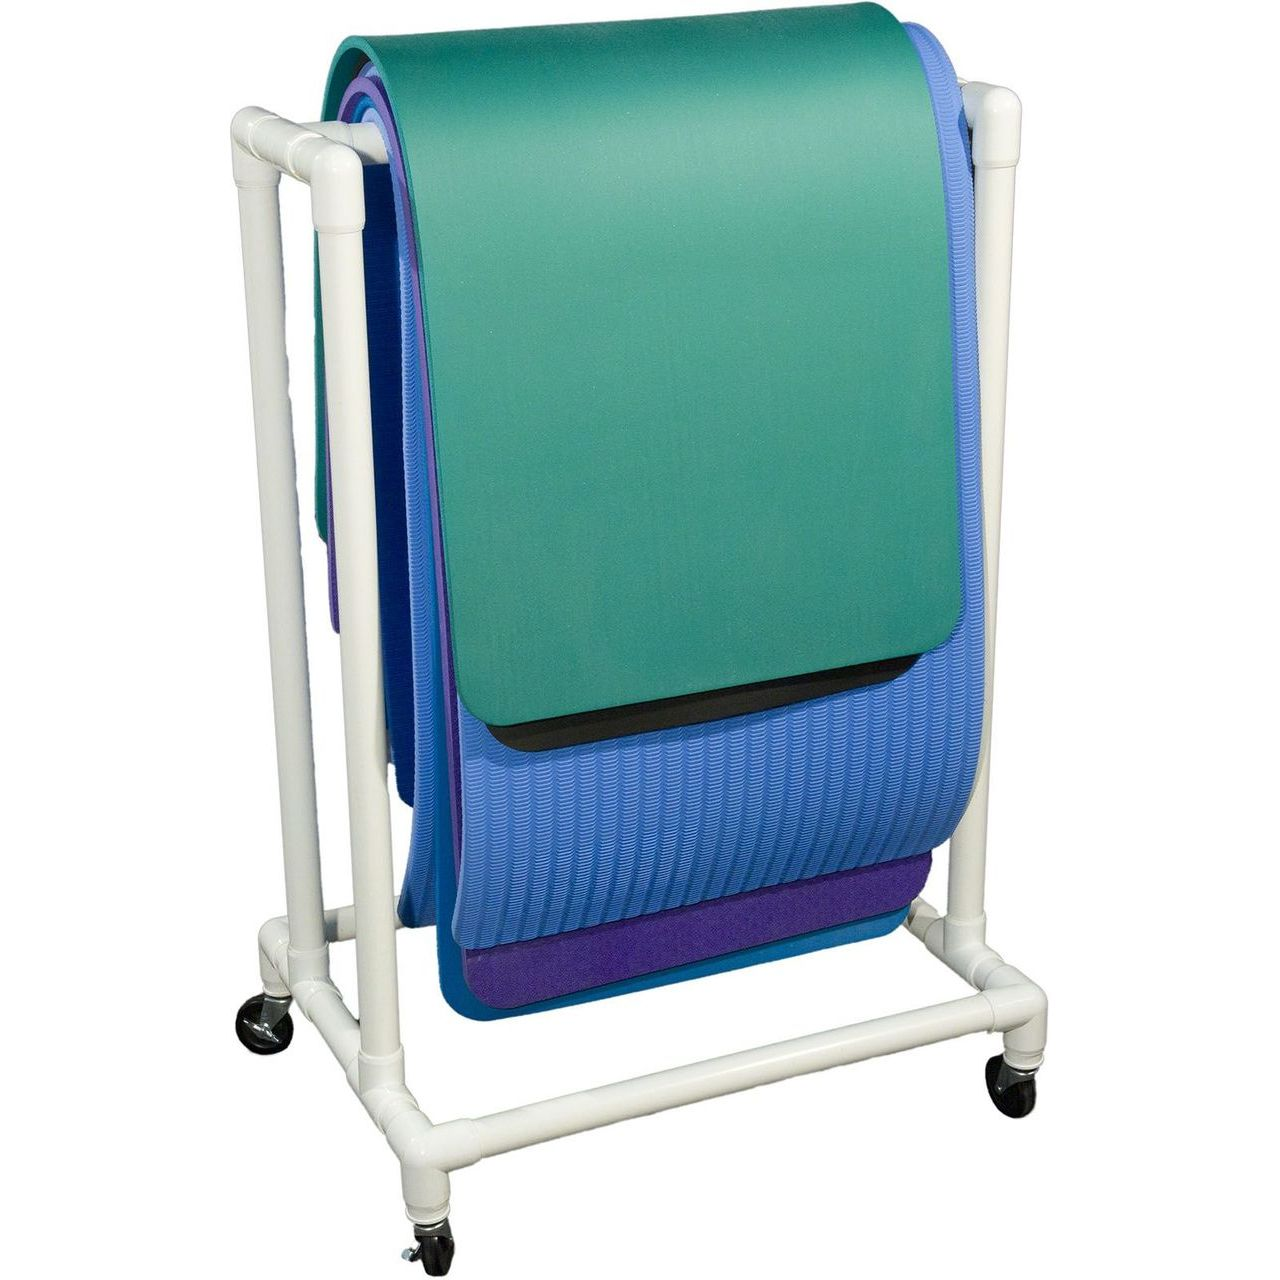 DuraCart Light Weight Single Mat Cart